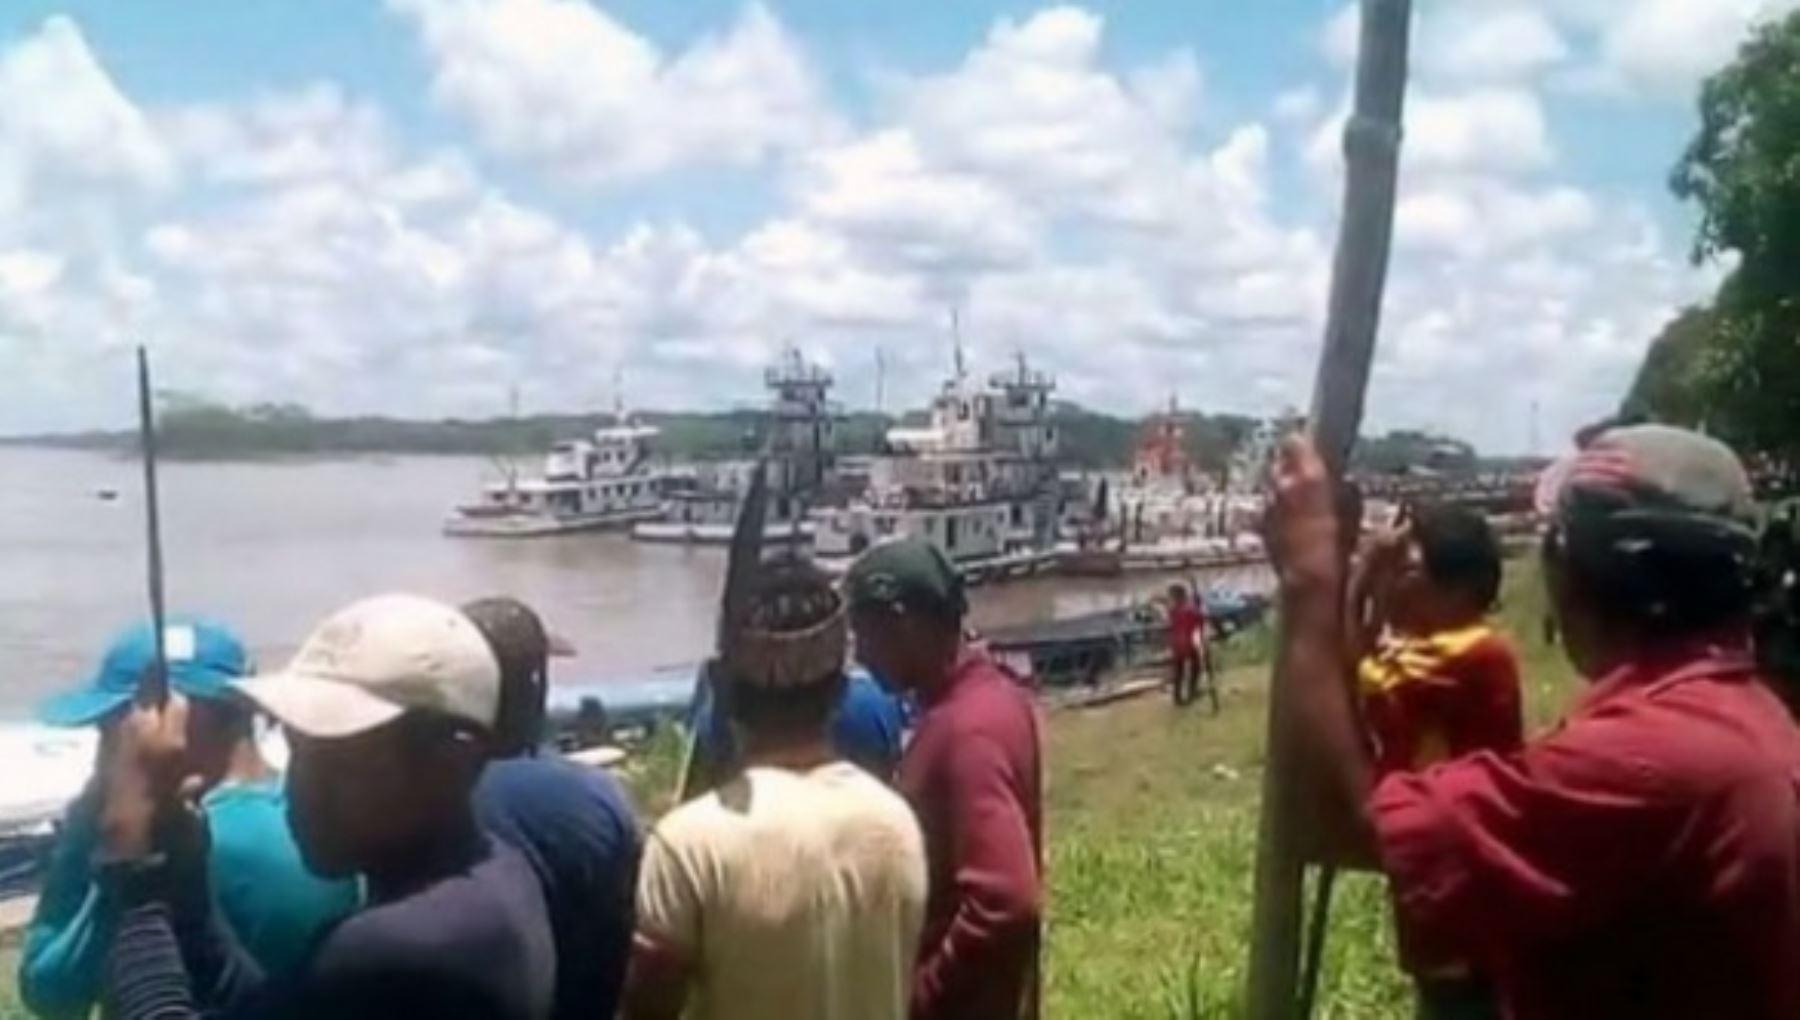 Dirigentes indígenas de Loreto suspenden paro y anuncian liberación de turistas retenidos. Foto: RPP